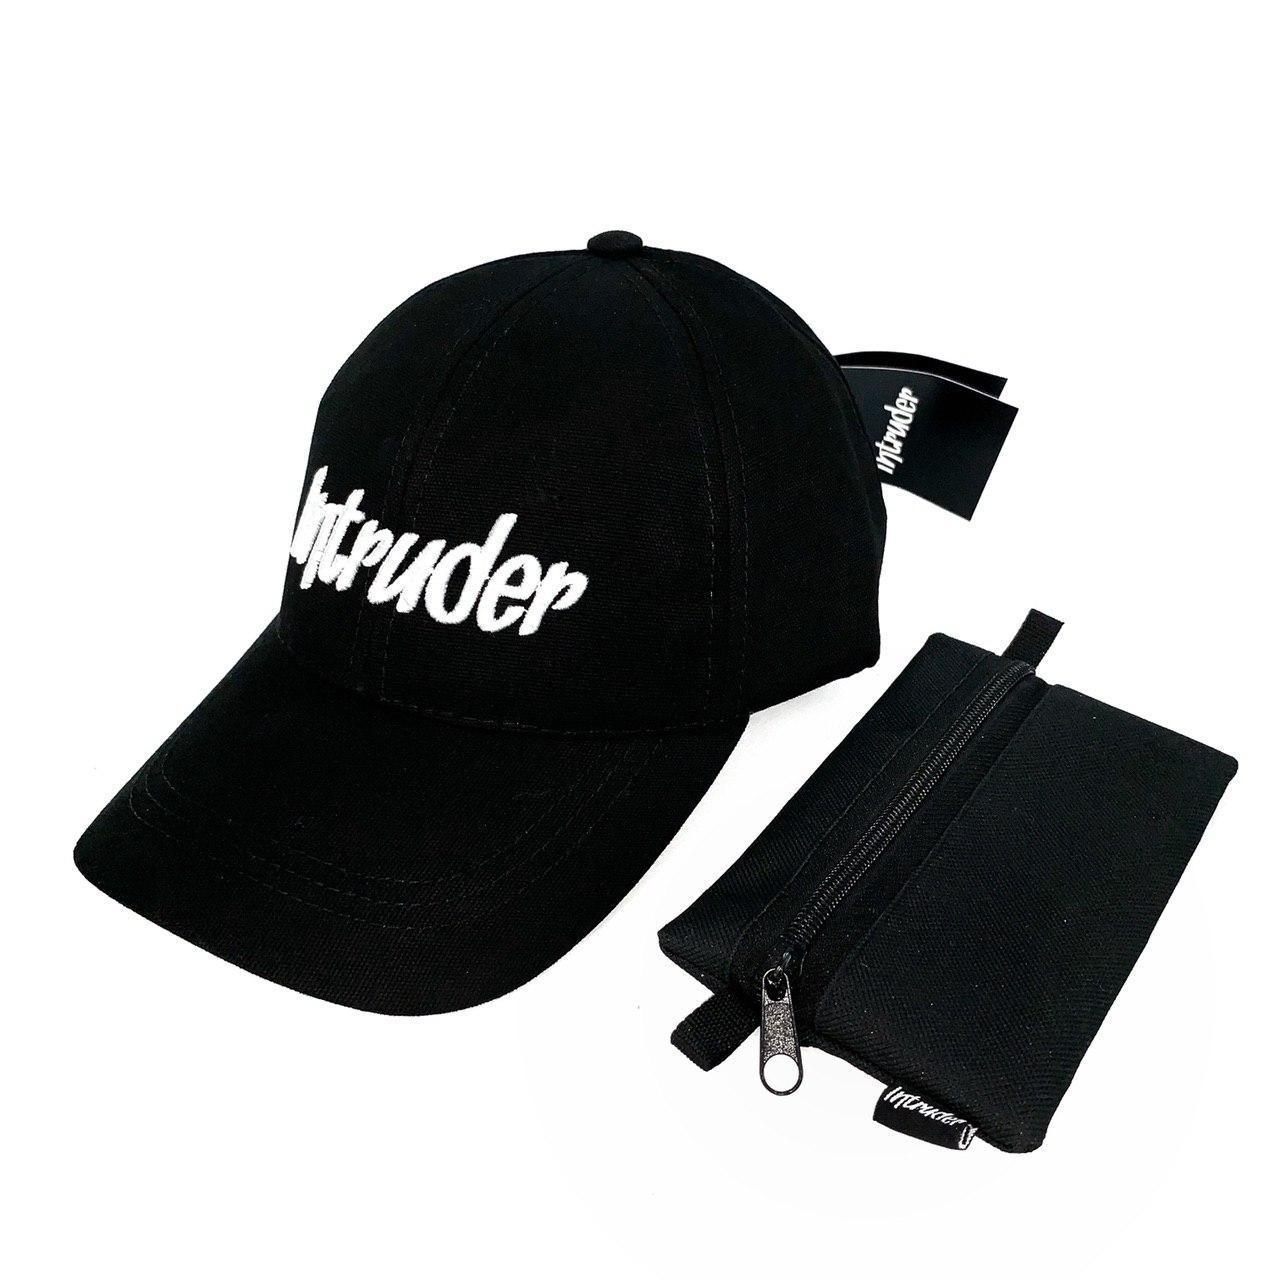 Кепка Intruder мужская   женская черная брендовая + Фирменный подарок